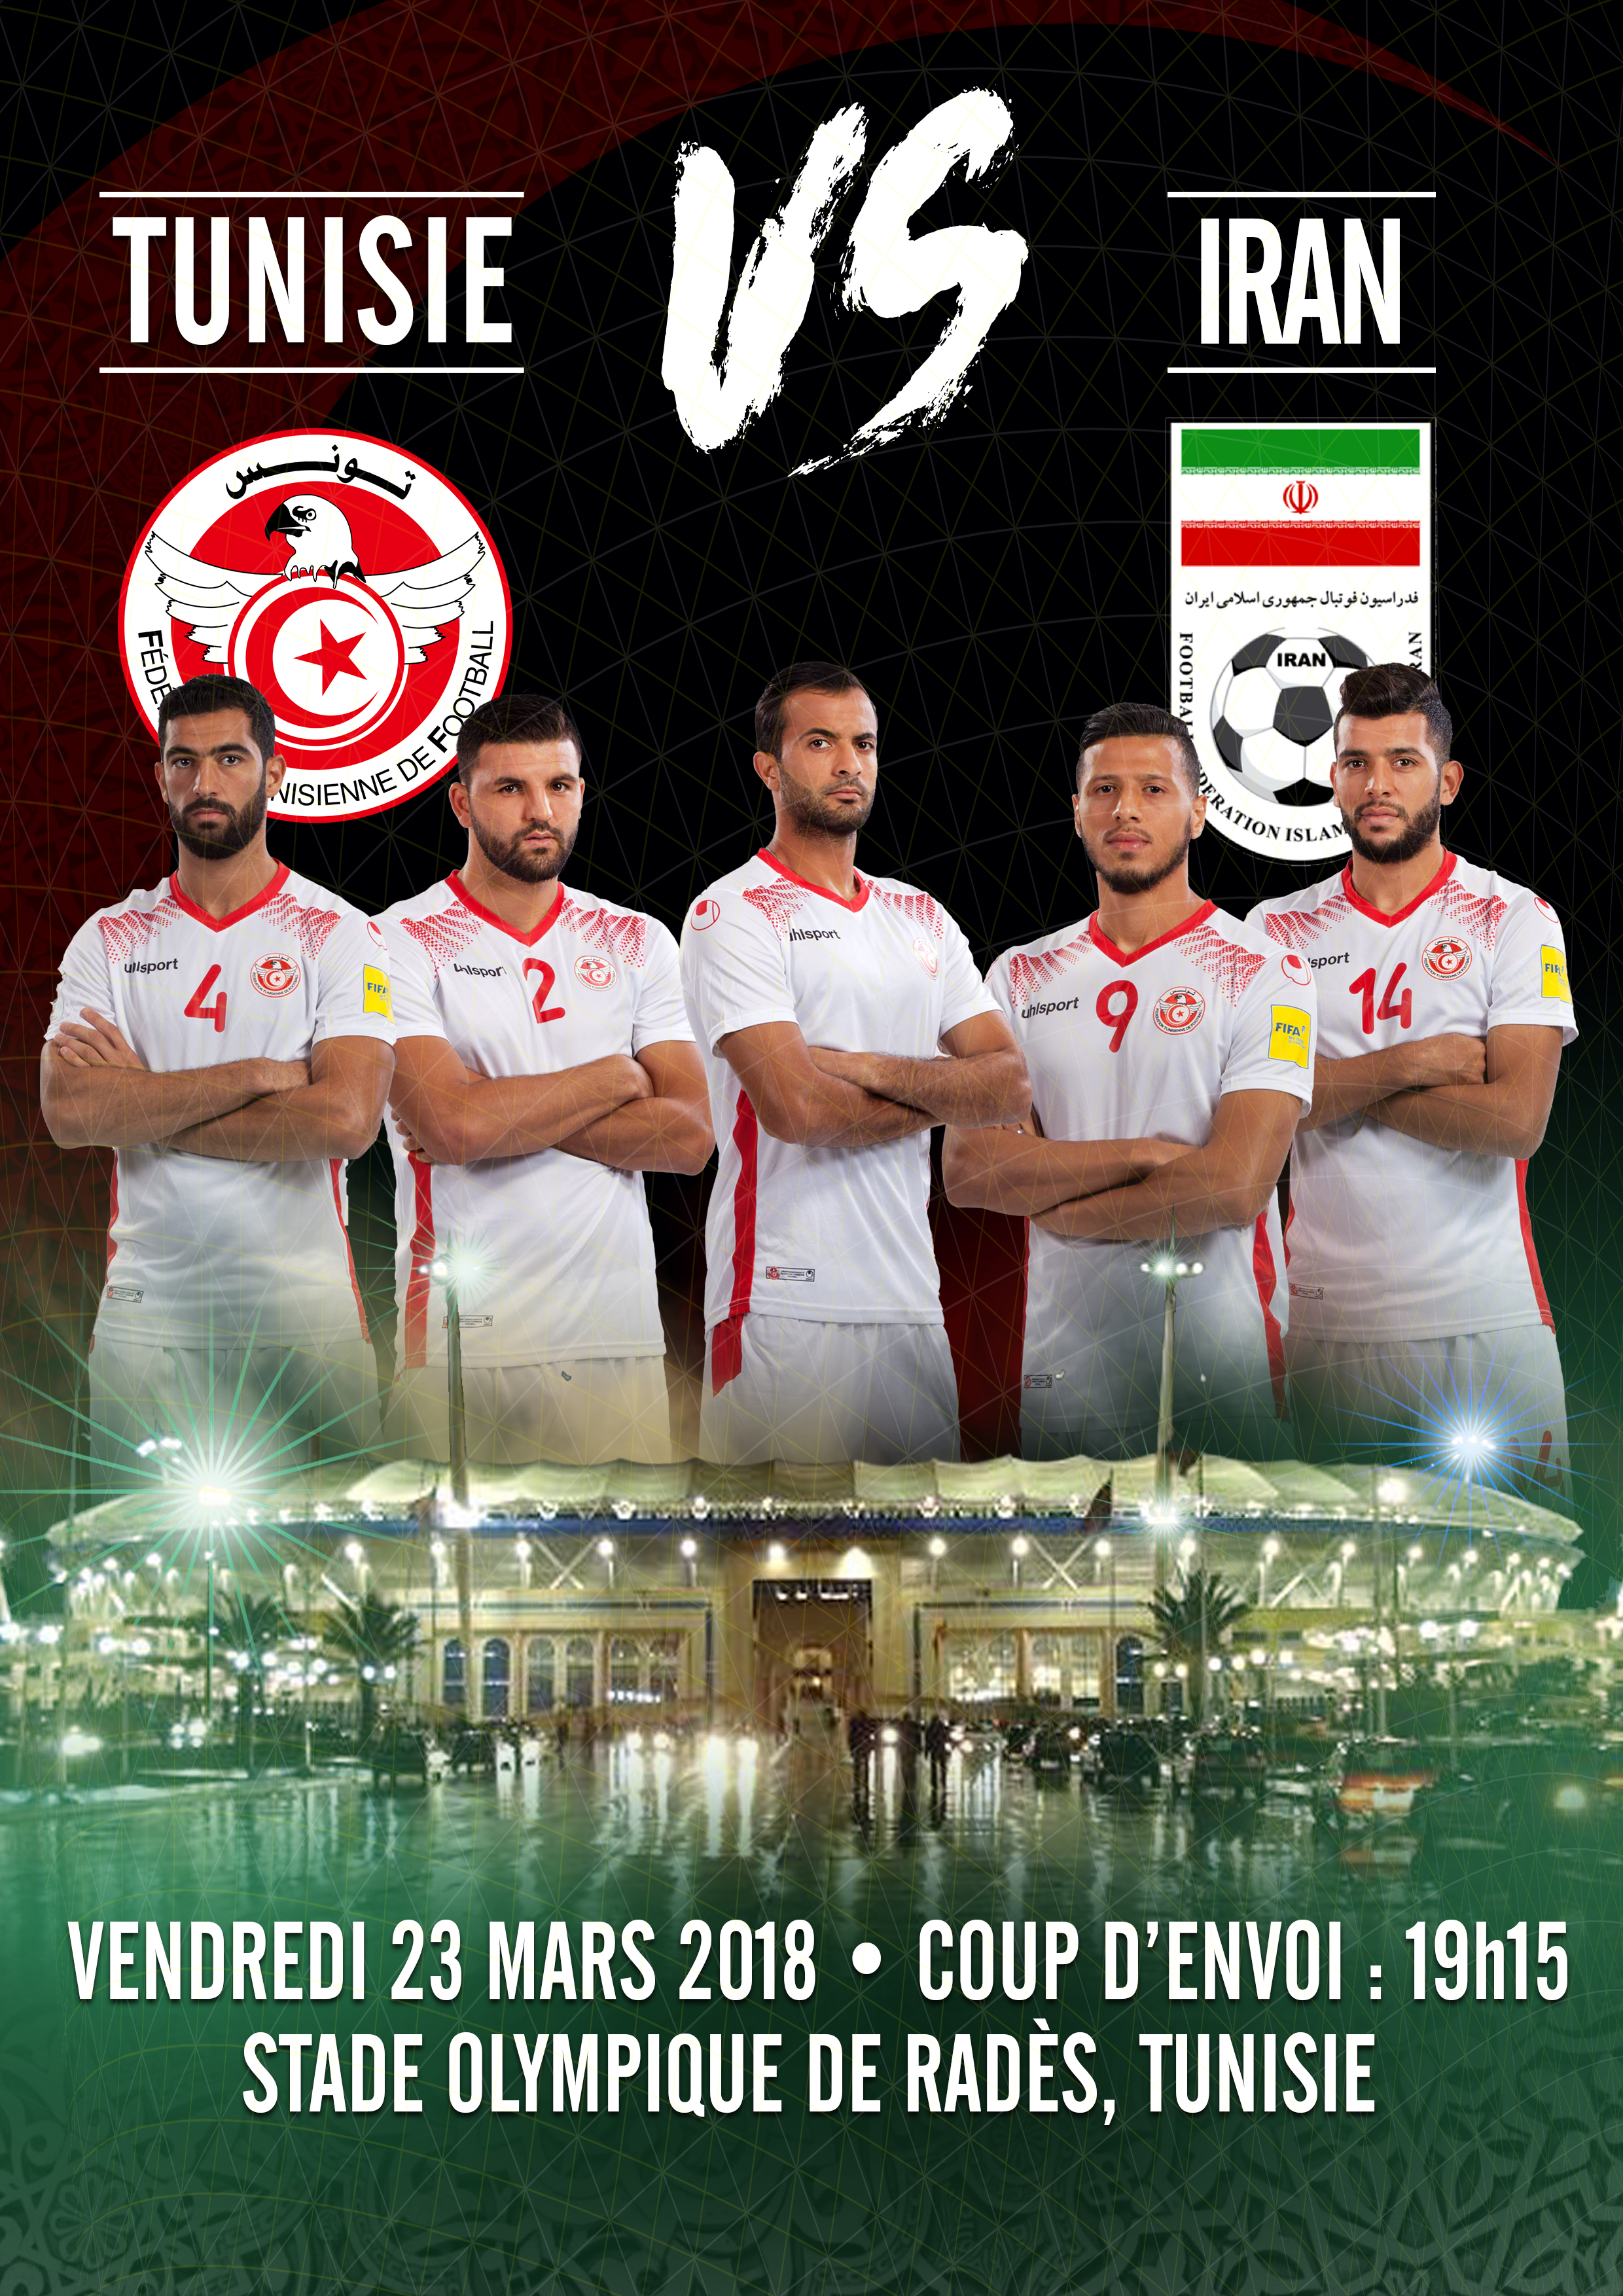 Affiche-Tunisia-Iran-1